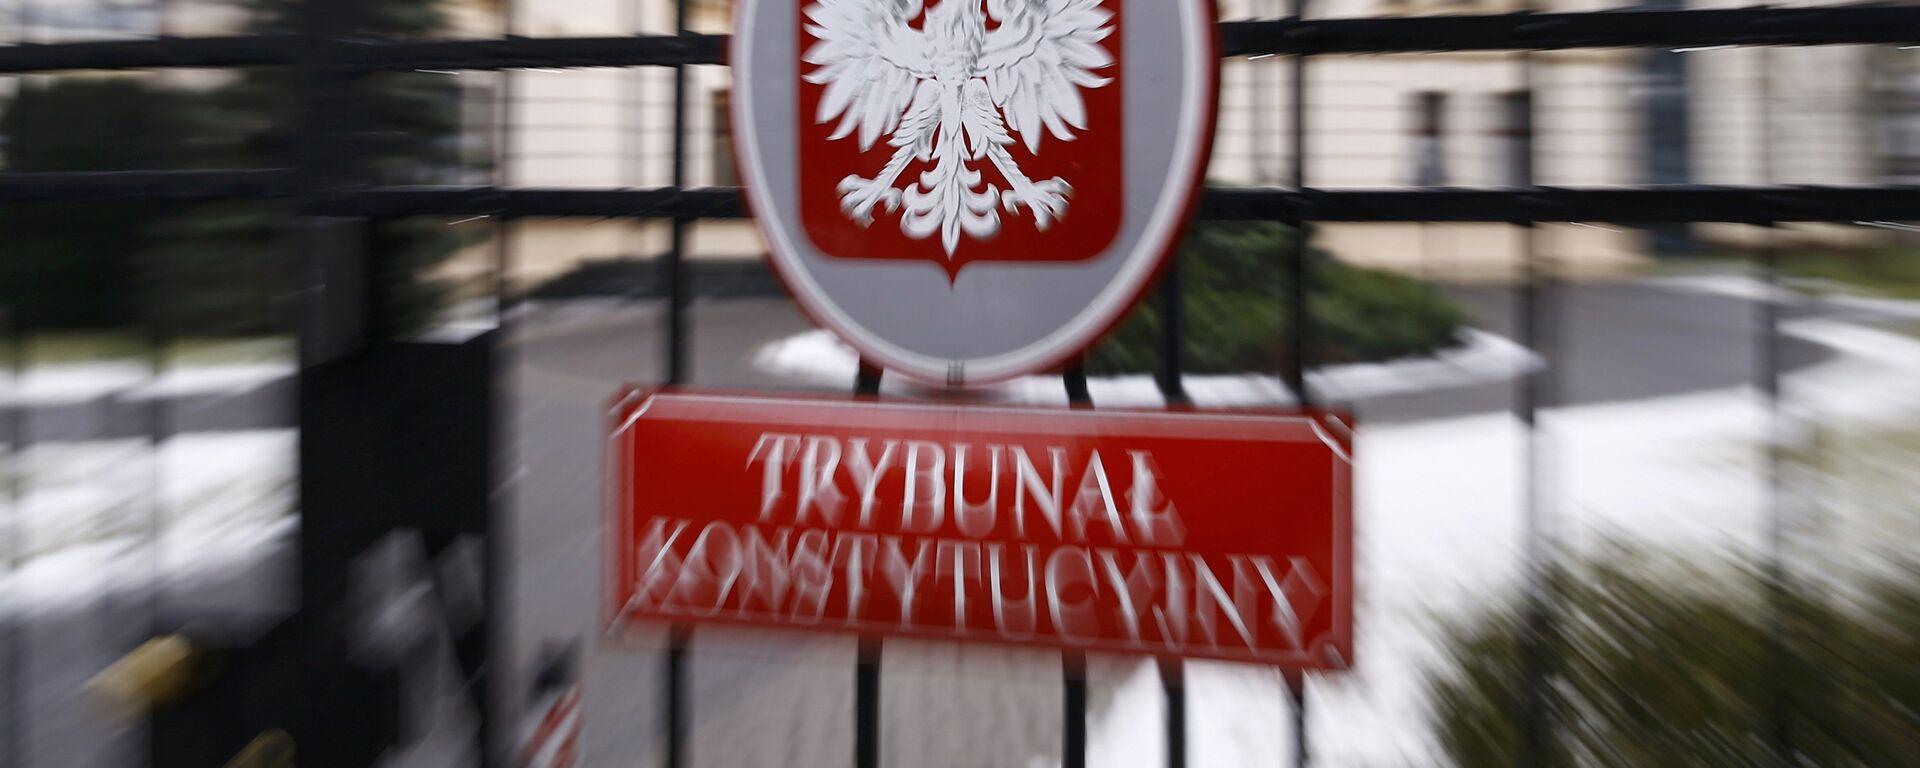 Trybunał Konstytucyjny - Sputnik Polska, 1920, 14.07.2021